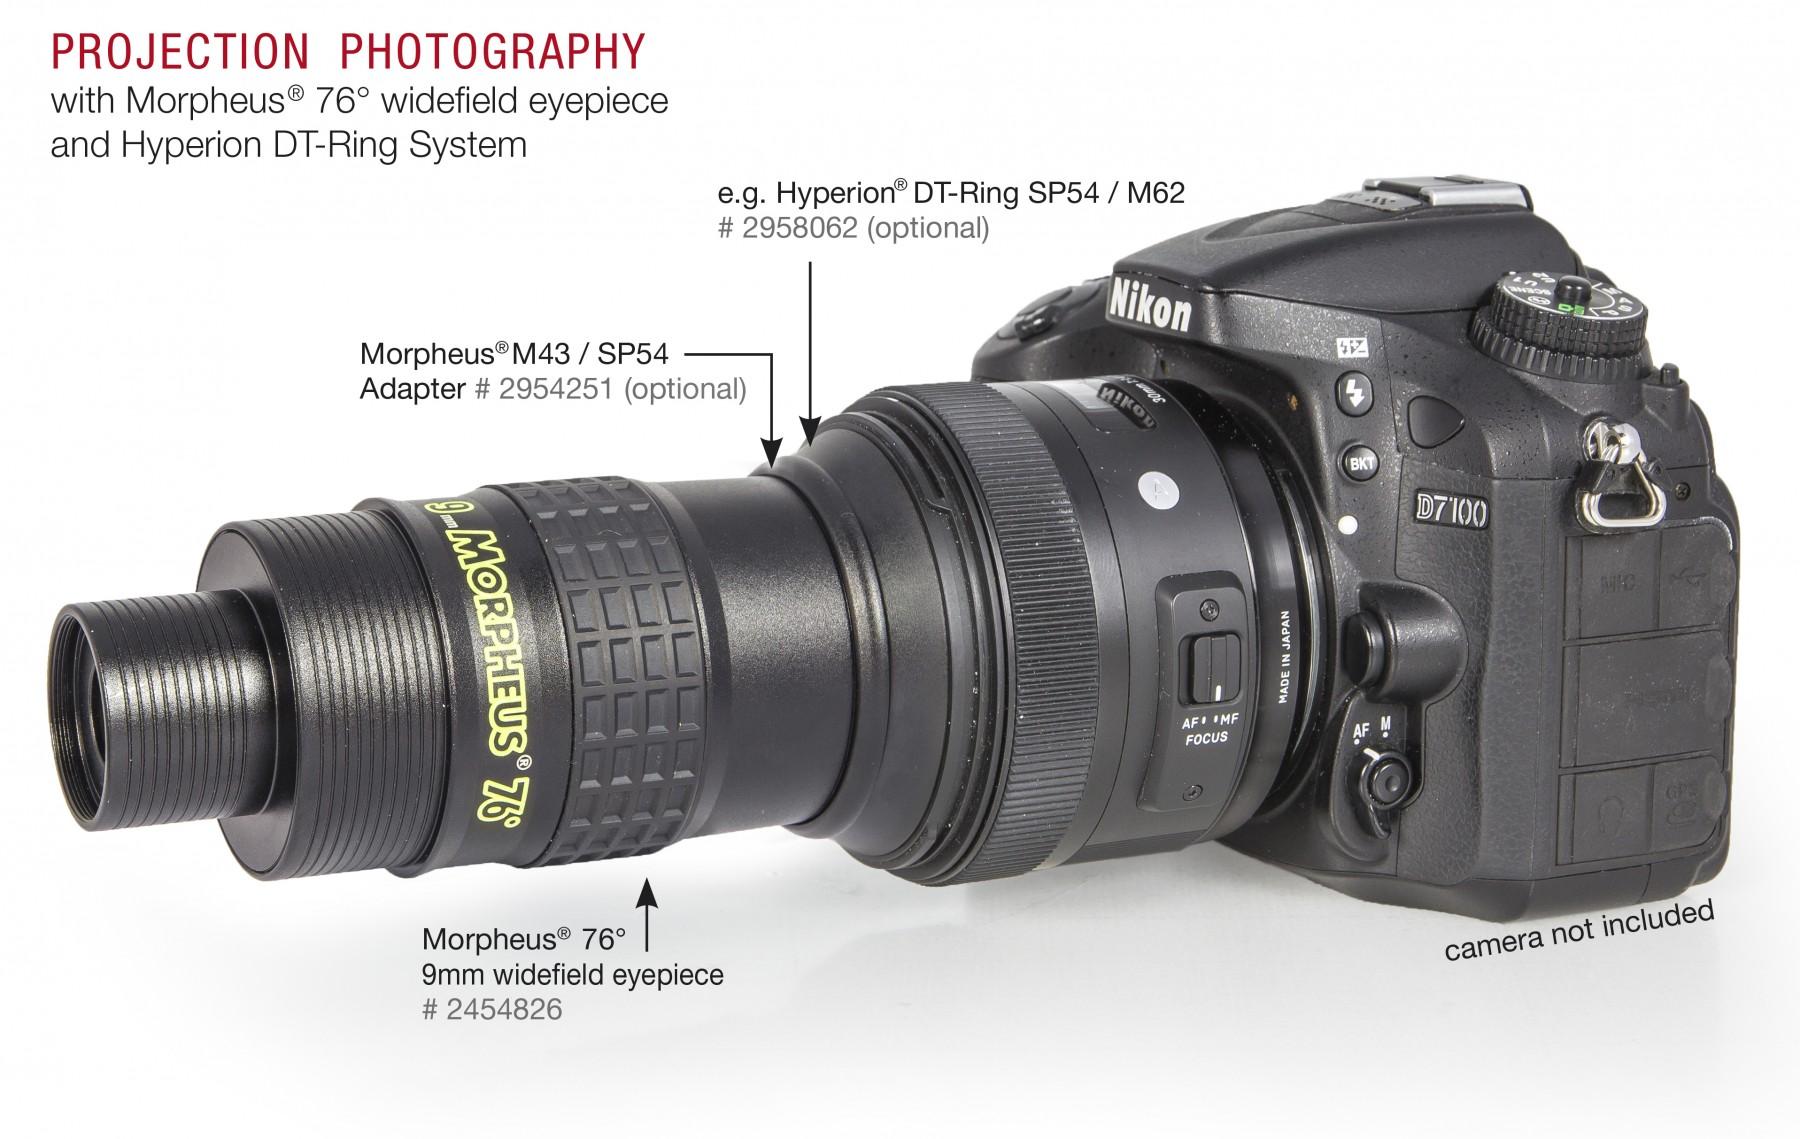 Anwendungsbild: Morpheus 9mm mit M43/SP54 Adapter und Hyperion DT-Ring (im Beispiel SP54/M62) montiert an Kameraobjektiv